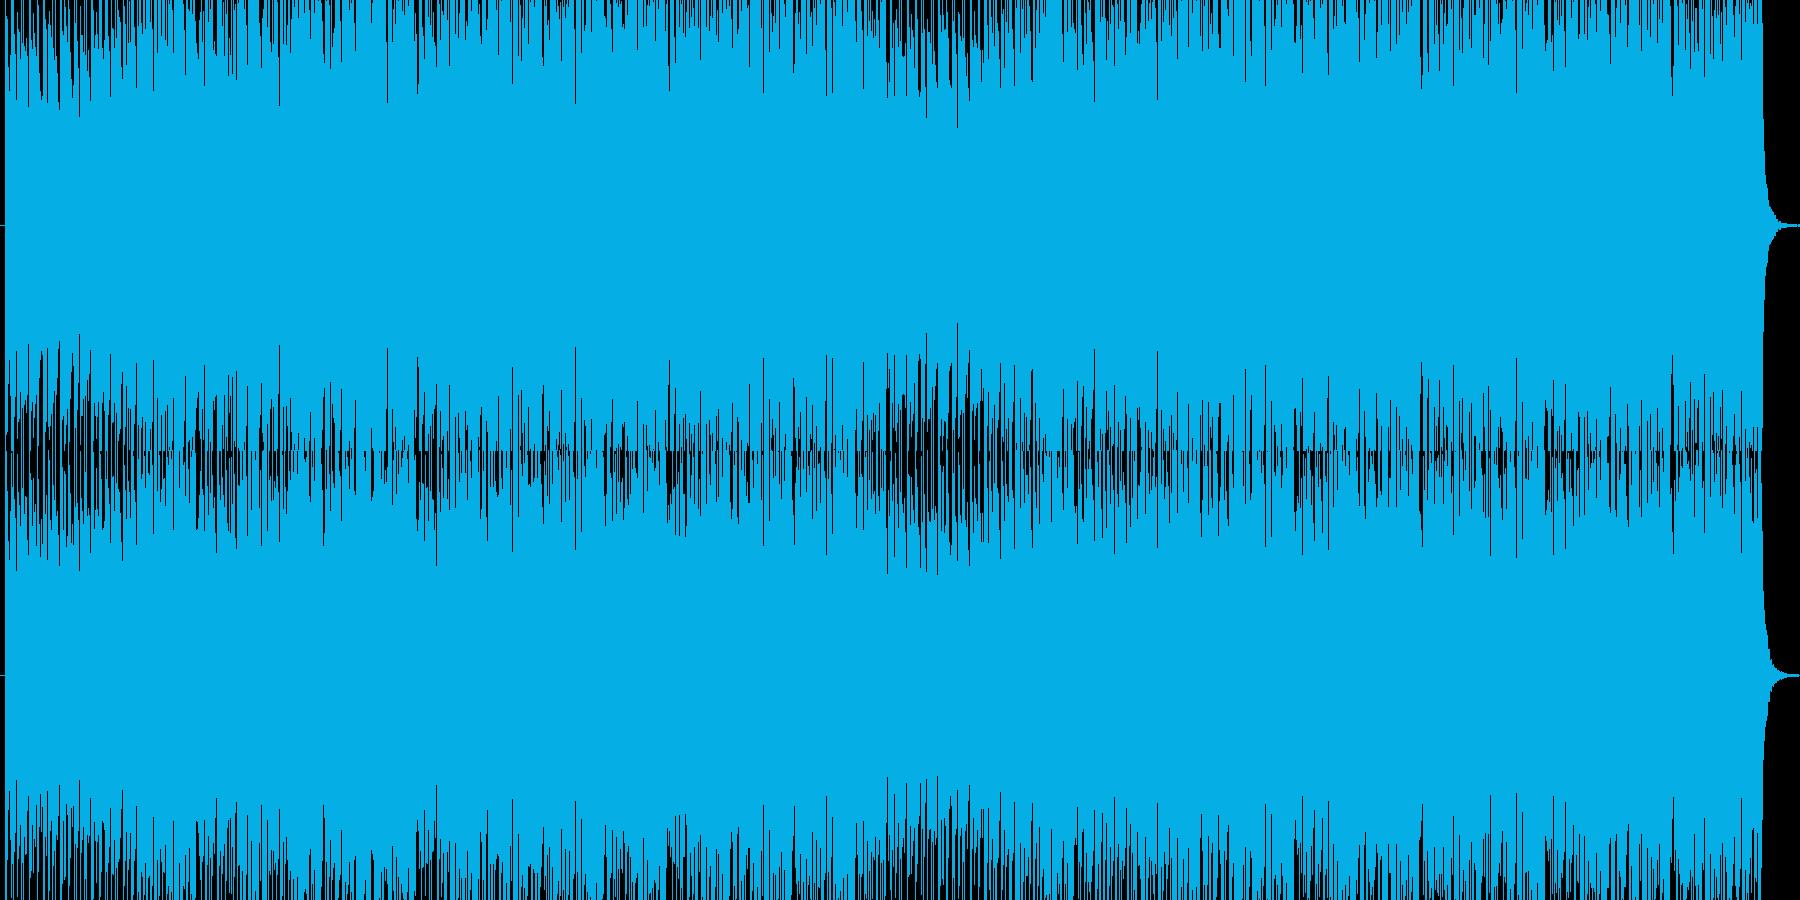 軽快なサウンドの再生済みの波形